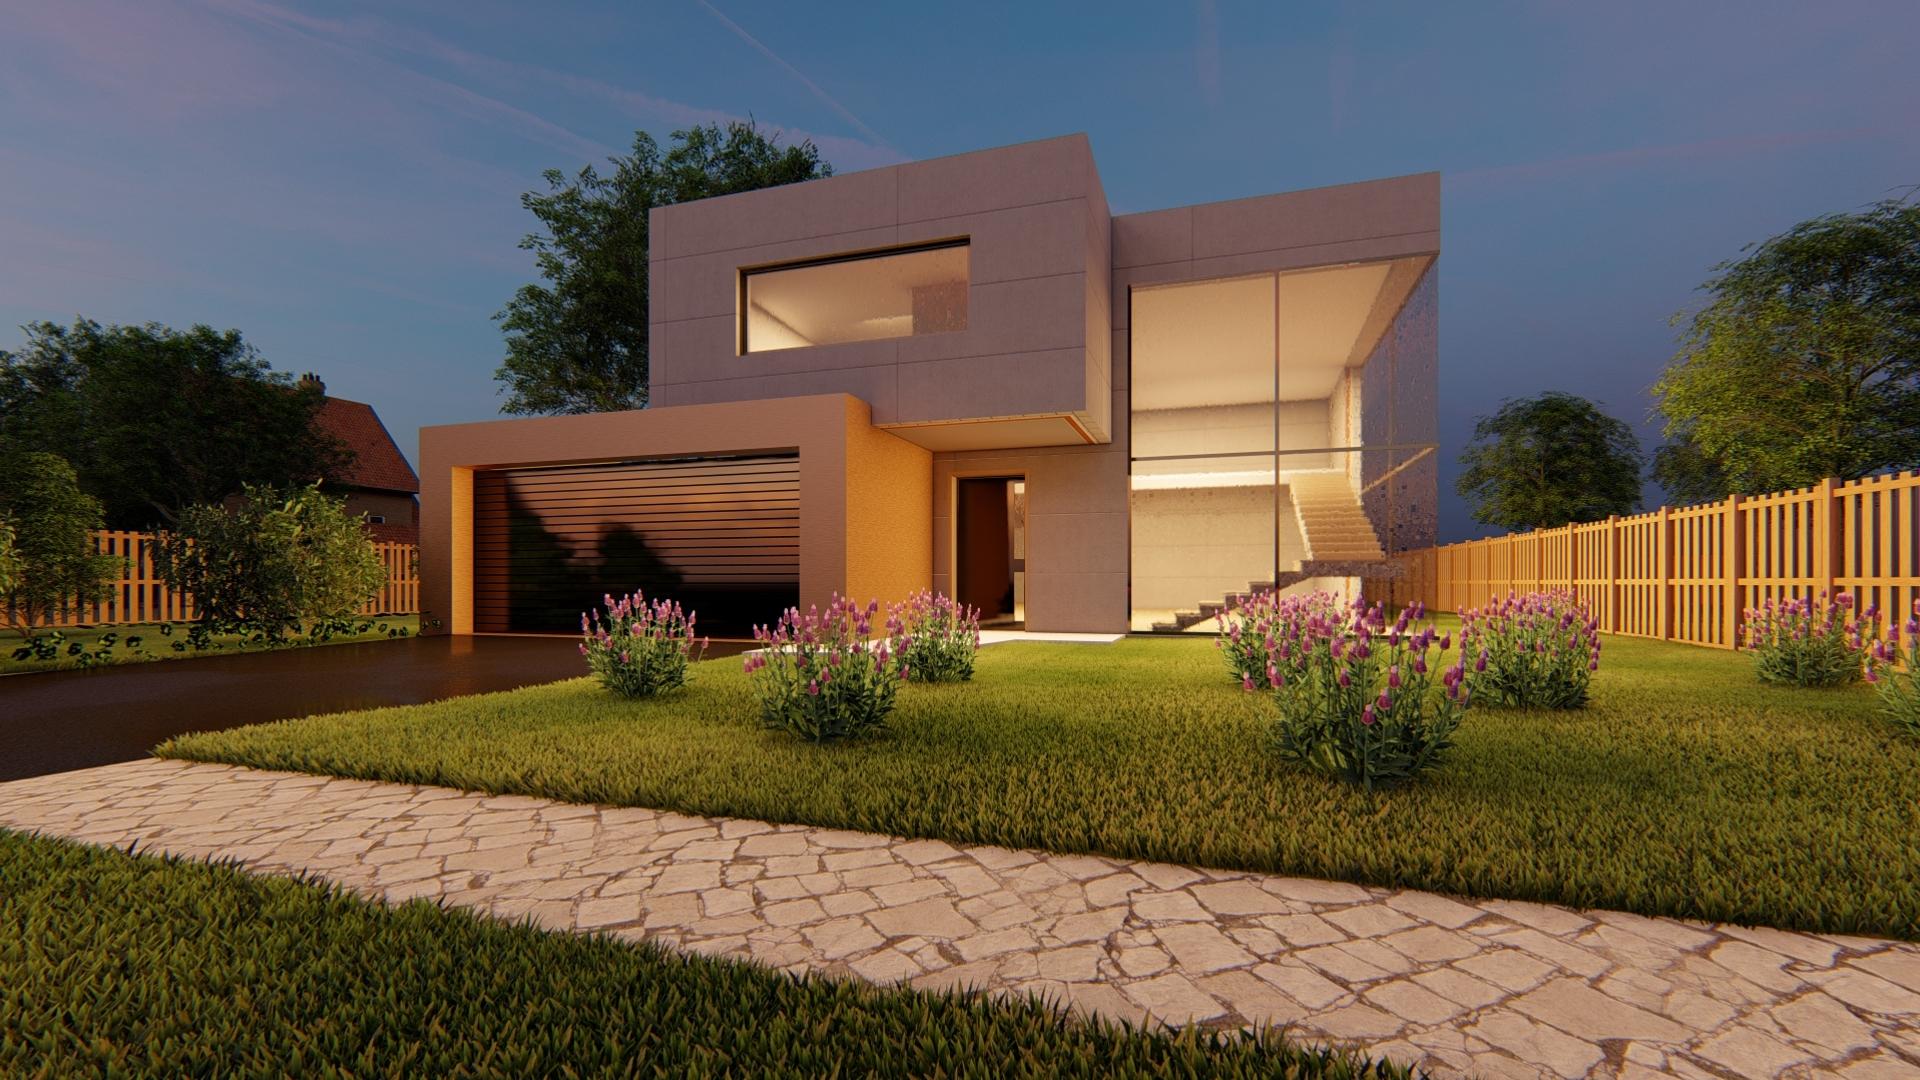 Exterior design house 3D model - TurboSquid 1422972